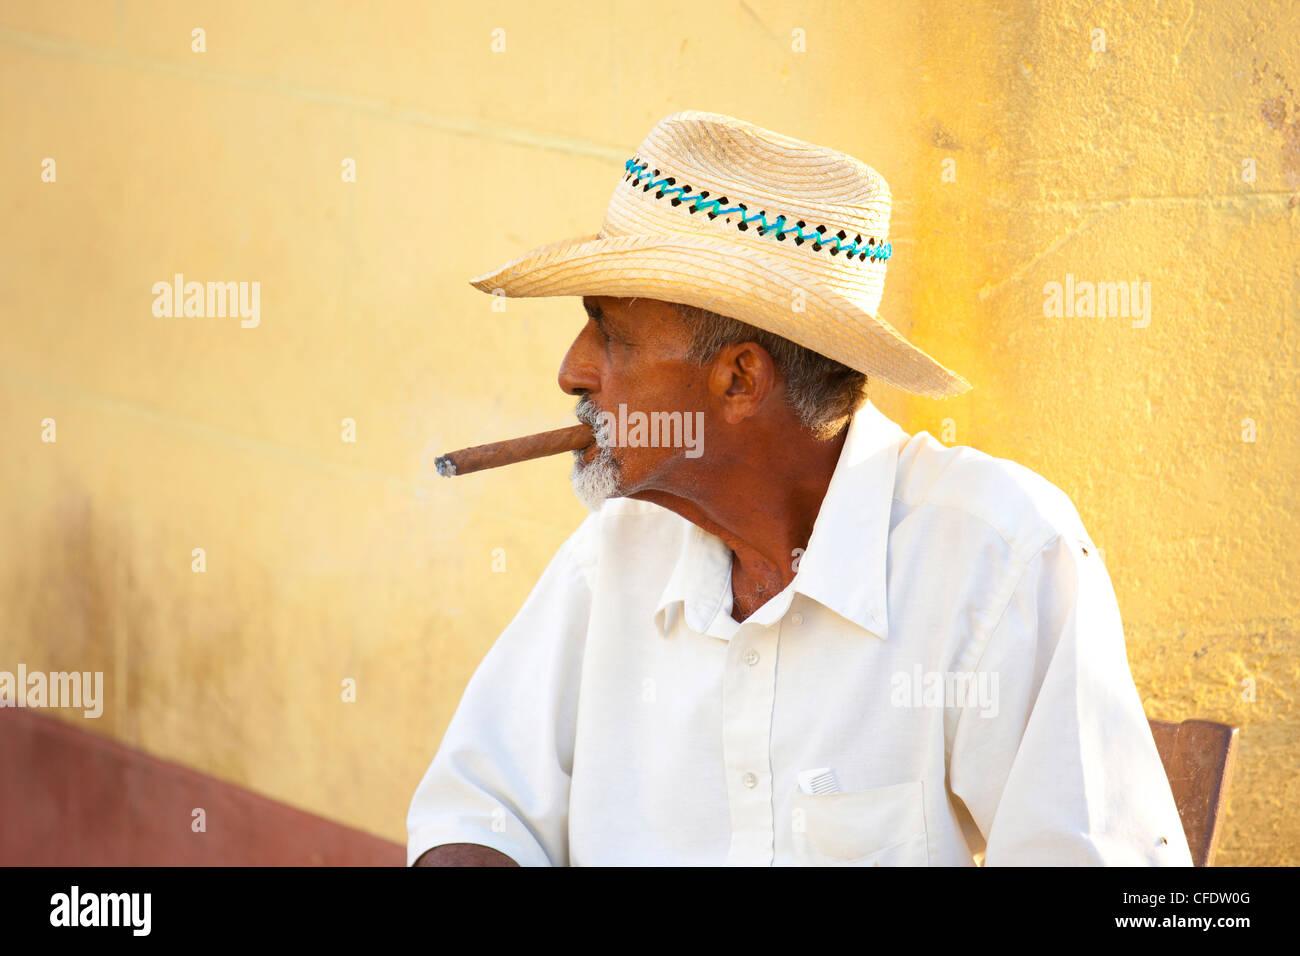 Cuba Man Cigar Stock Photos & Cuba Man Cigar Stock Images - Alamy